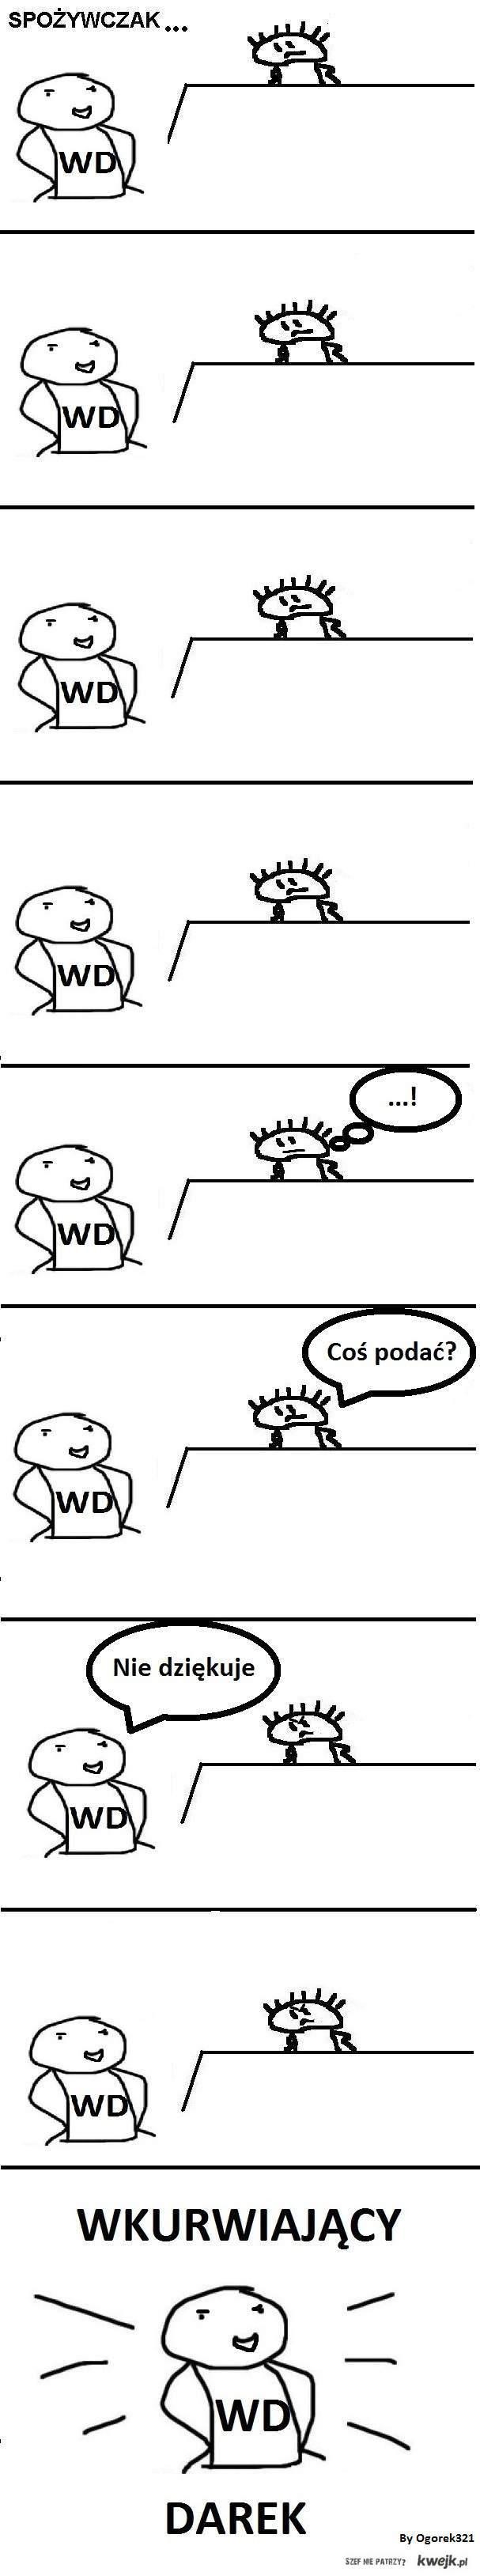 Przygody WD Cz.2